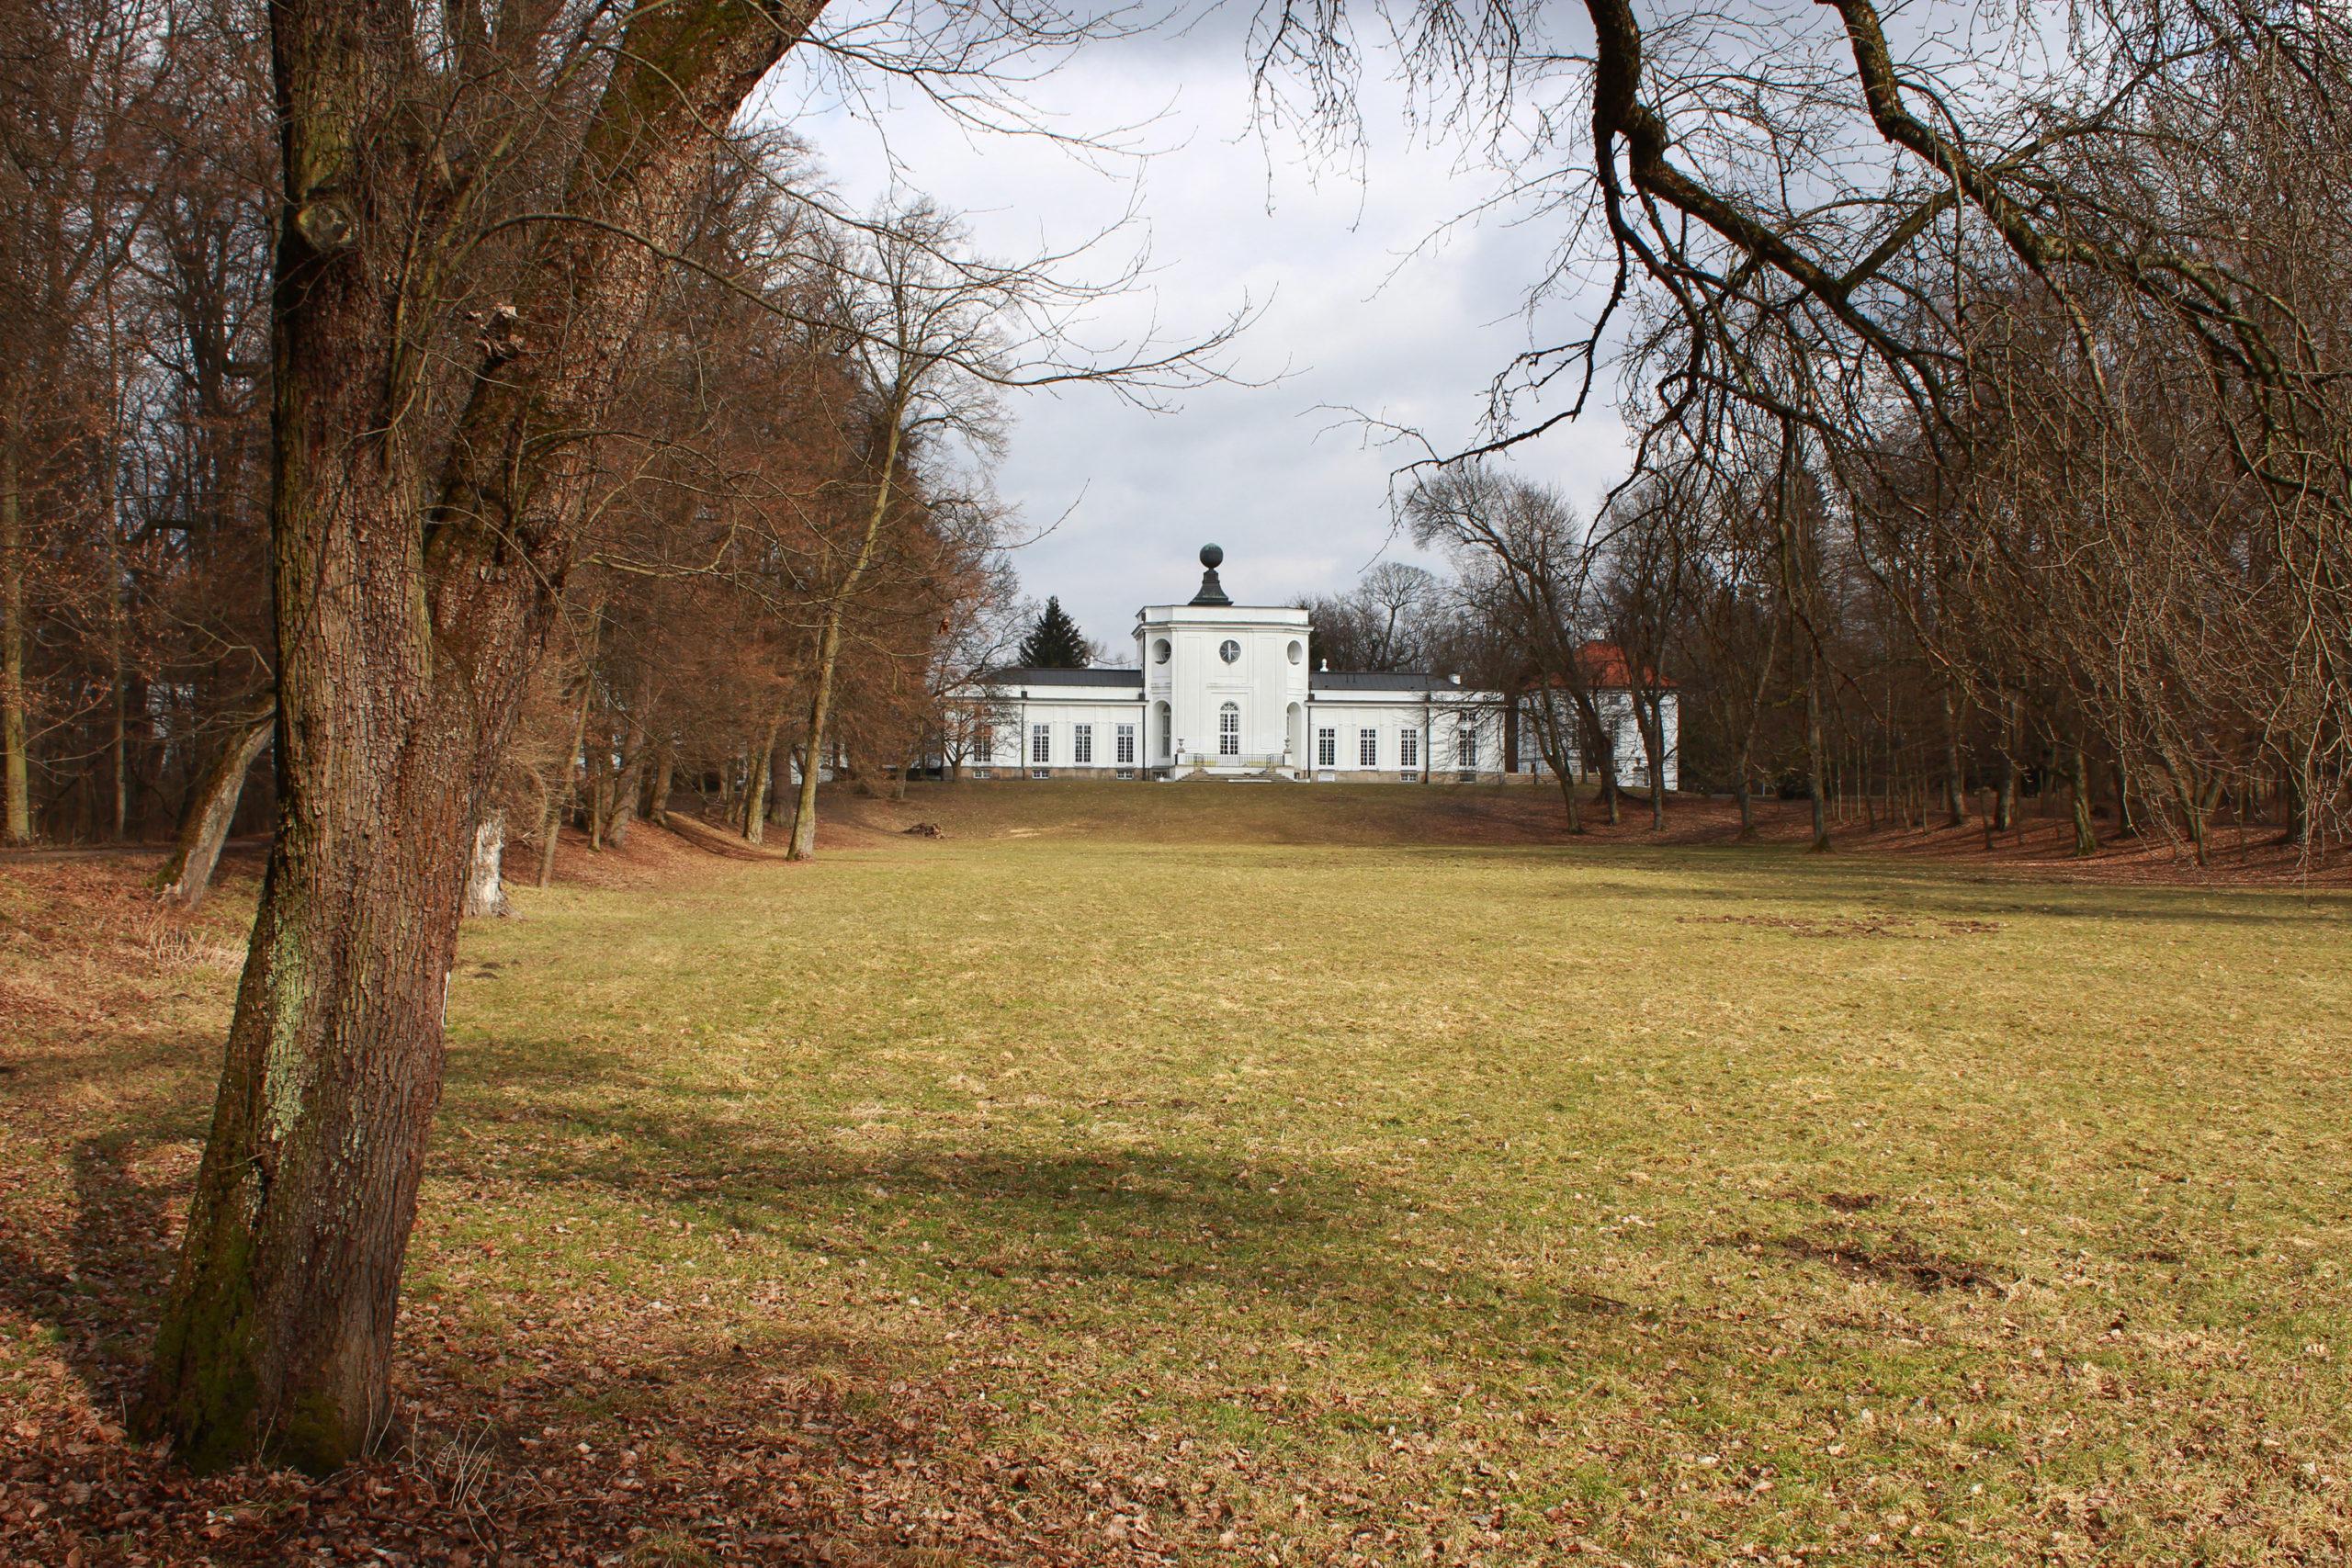 widok na pałac w parku